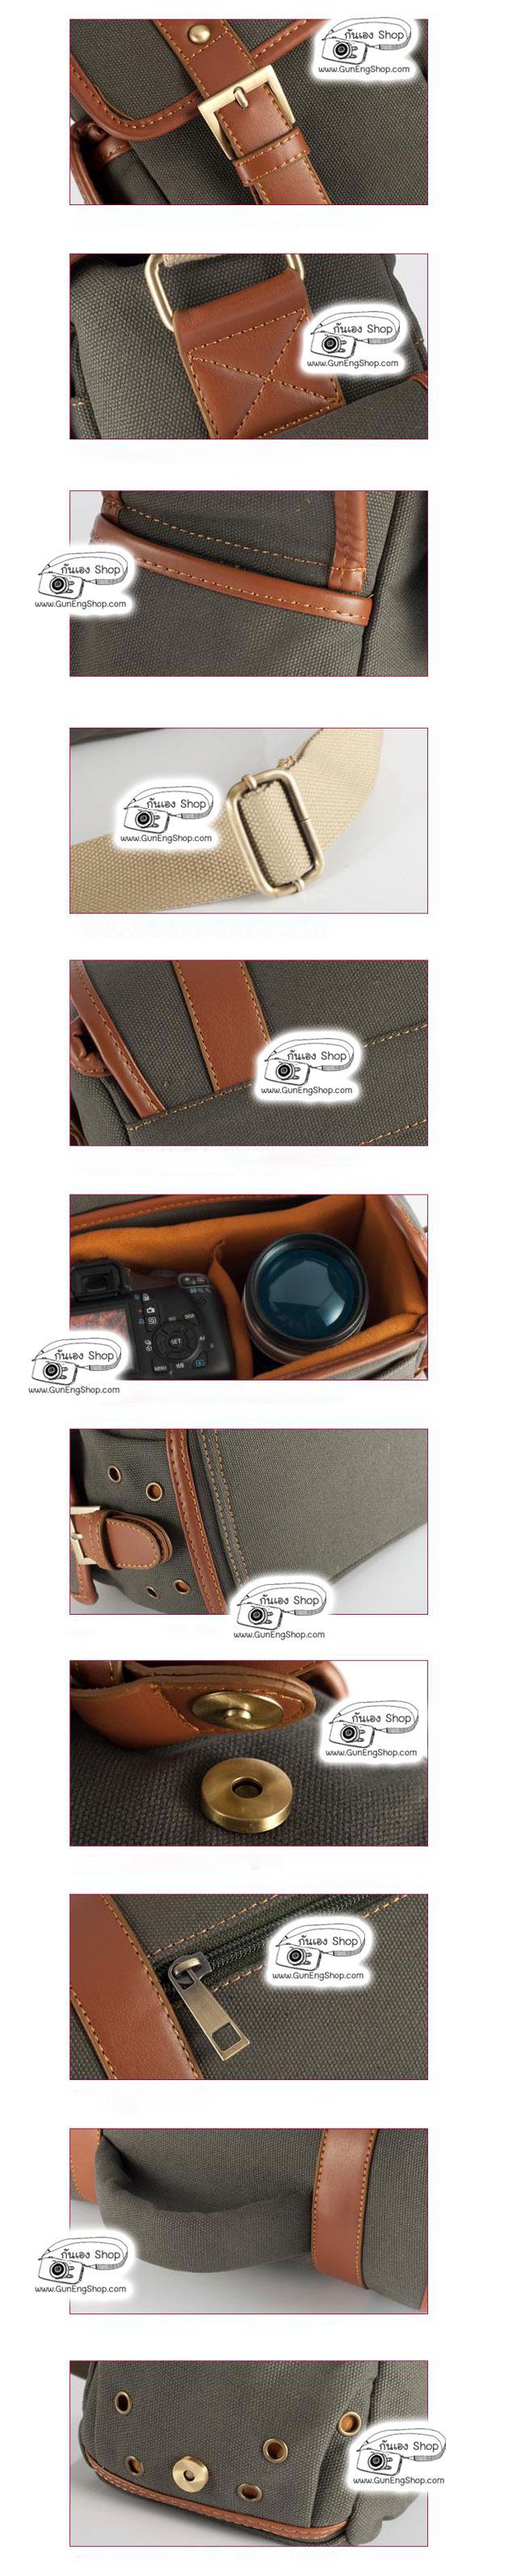 กระเป๋ากล้องแฟชั่น Charming Bag